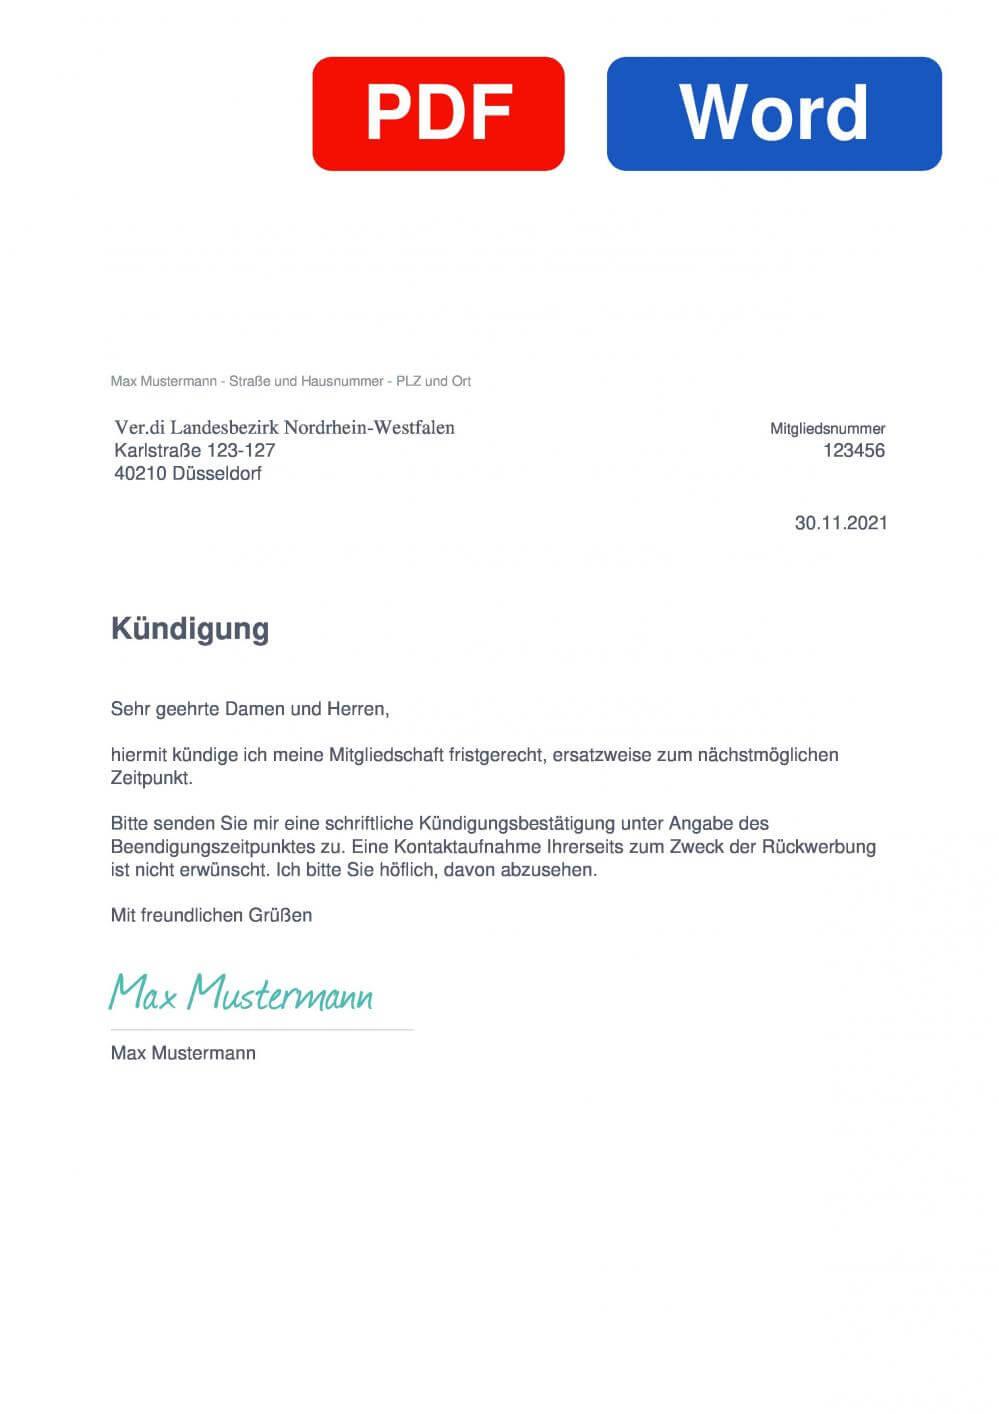 Verdi Landesbezirk Nordrhein-Westfalen Muster Vorlage für Kündigungsschreiben